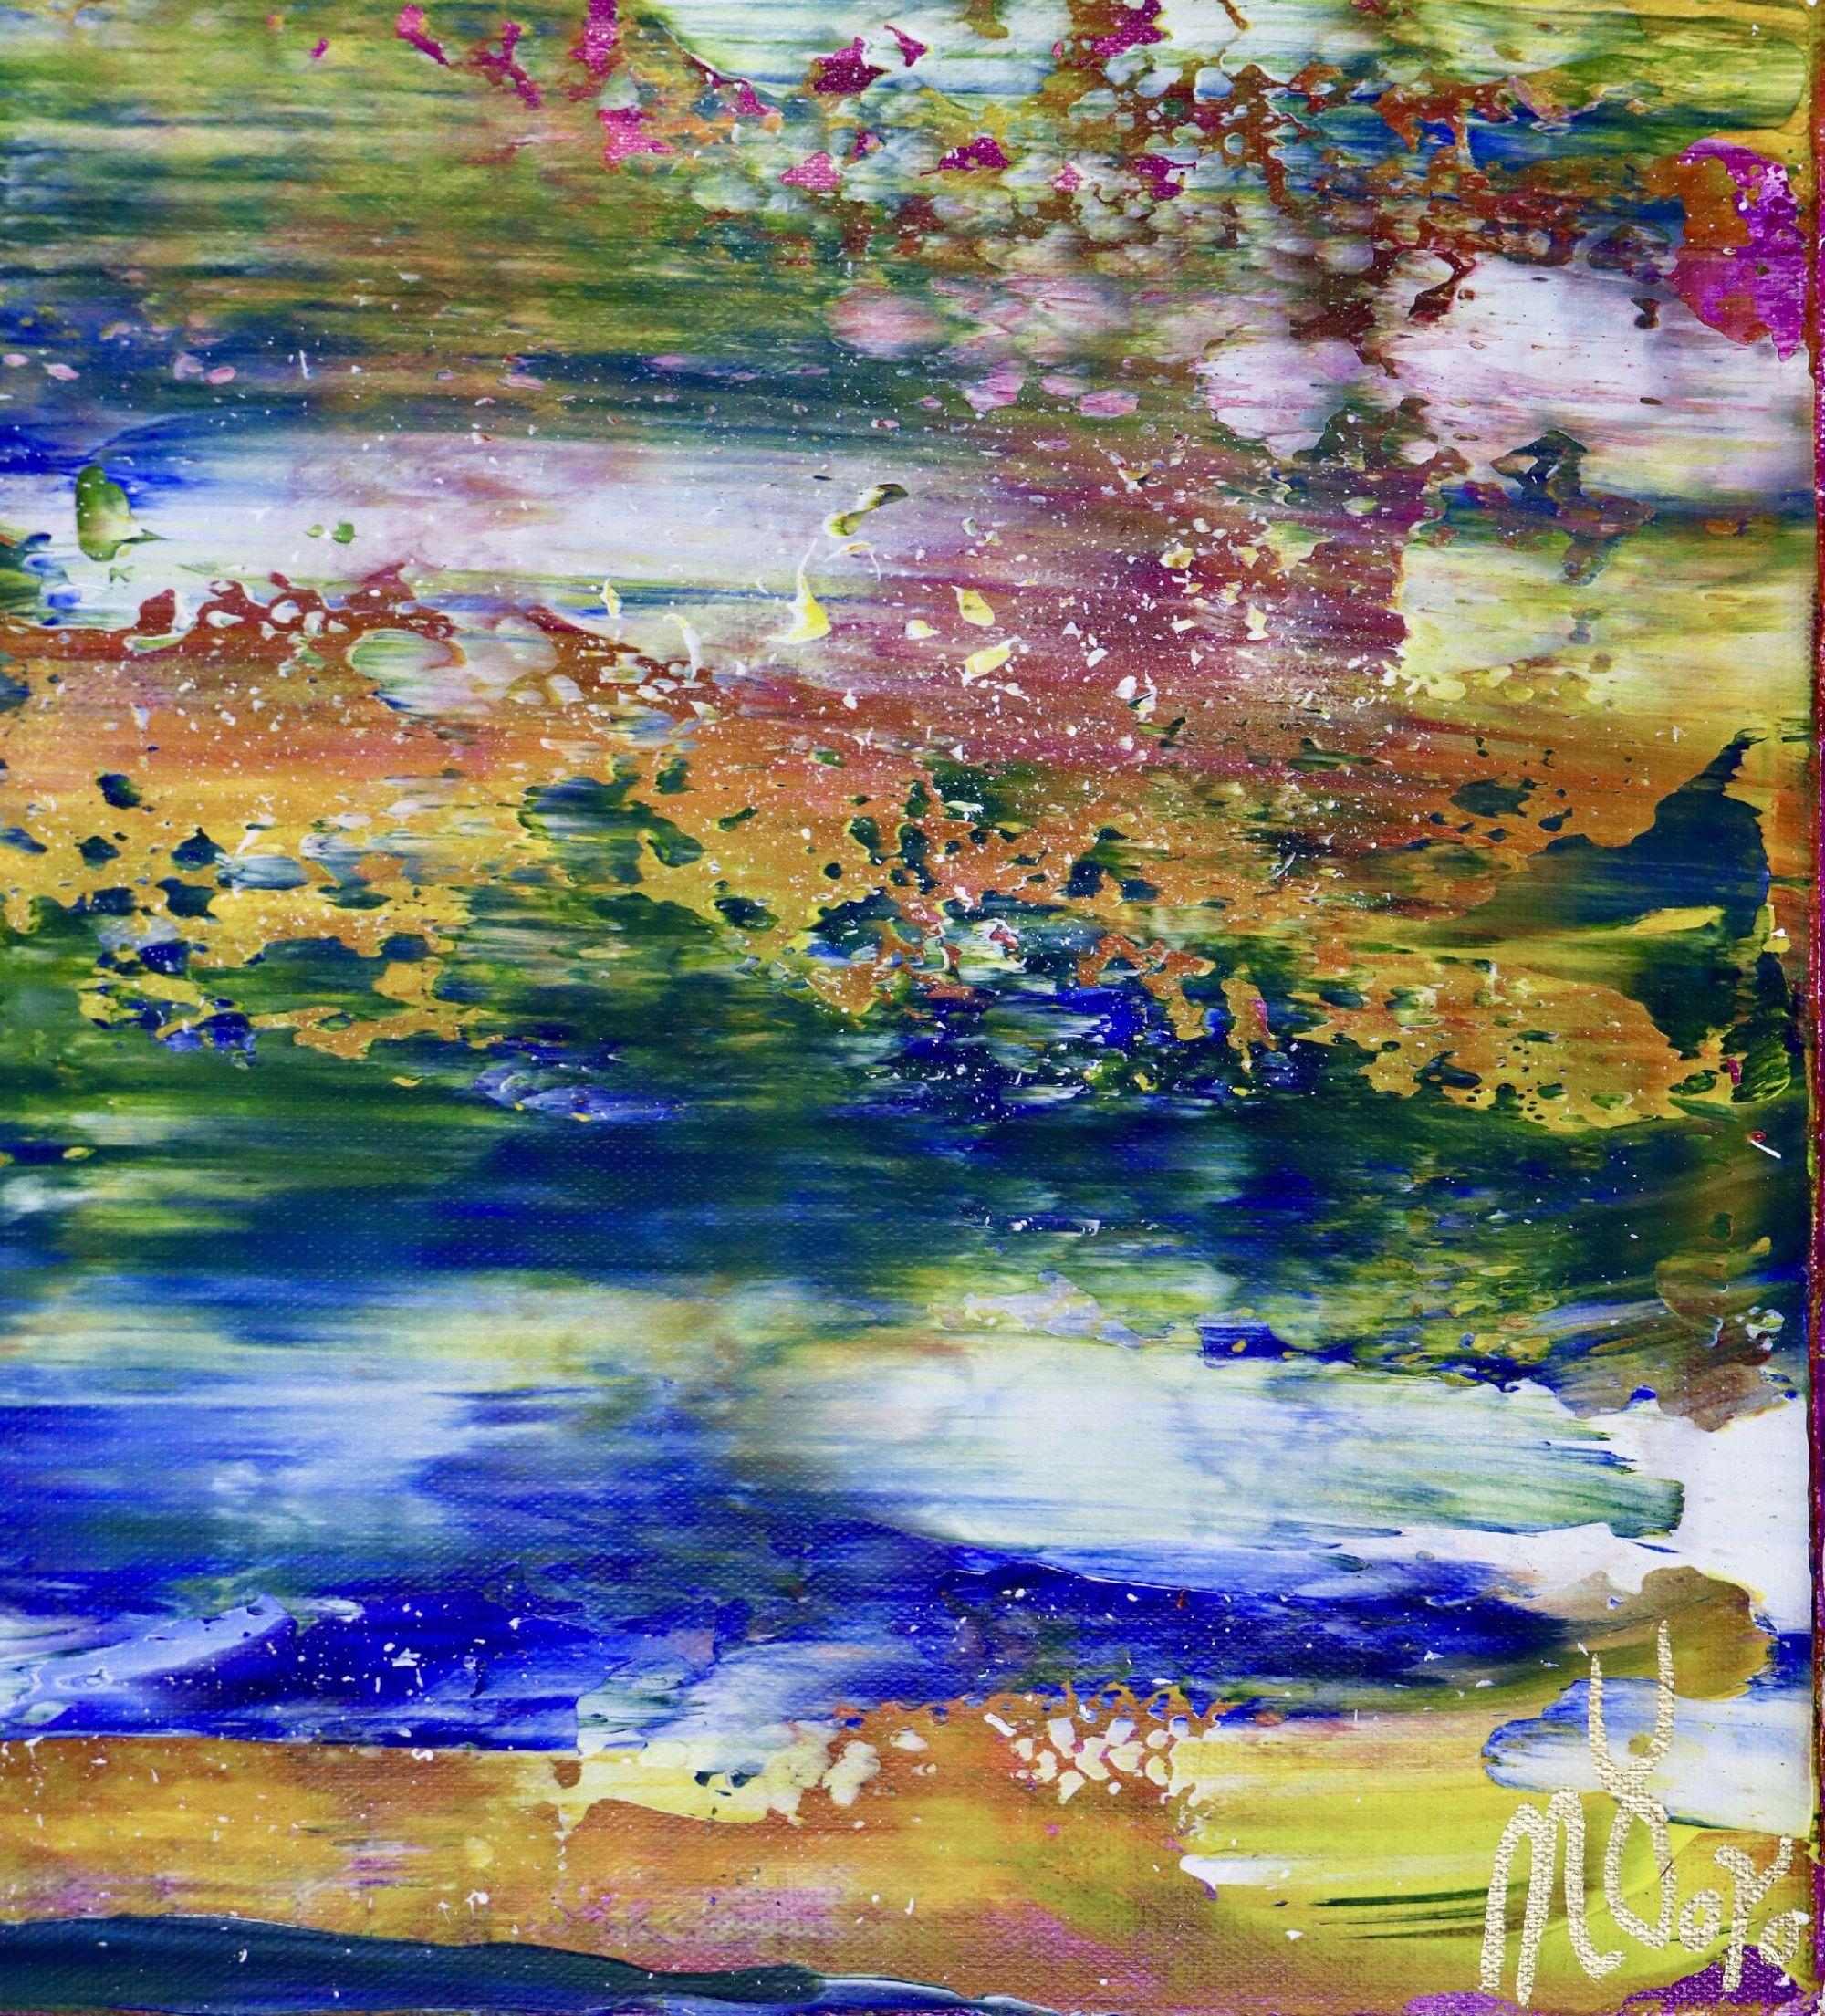 Signature - Rio Azul Infinito (Infinite Blue River) (2020)